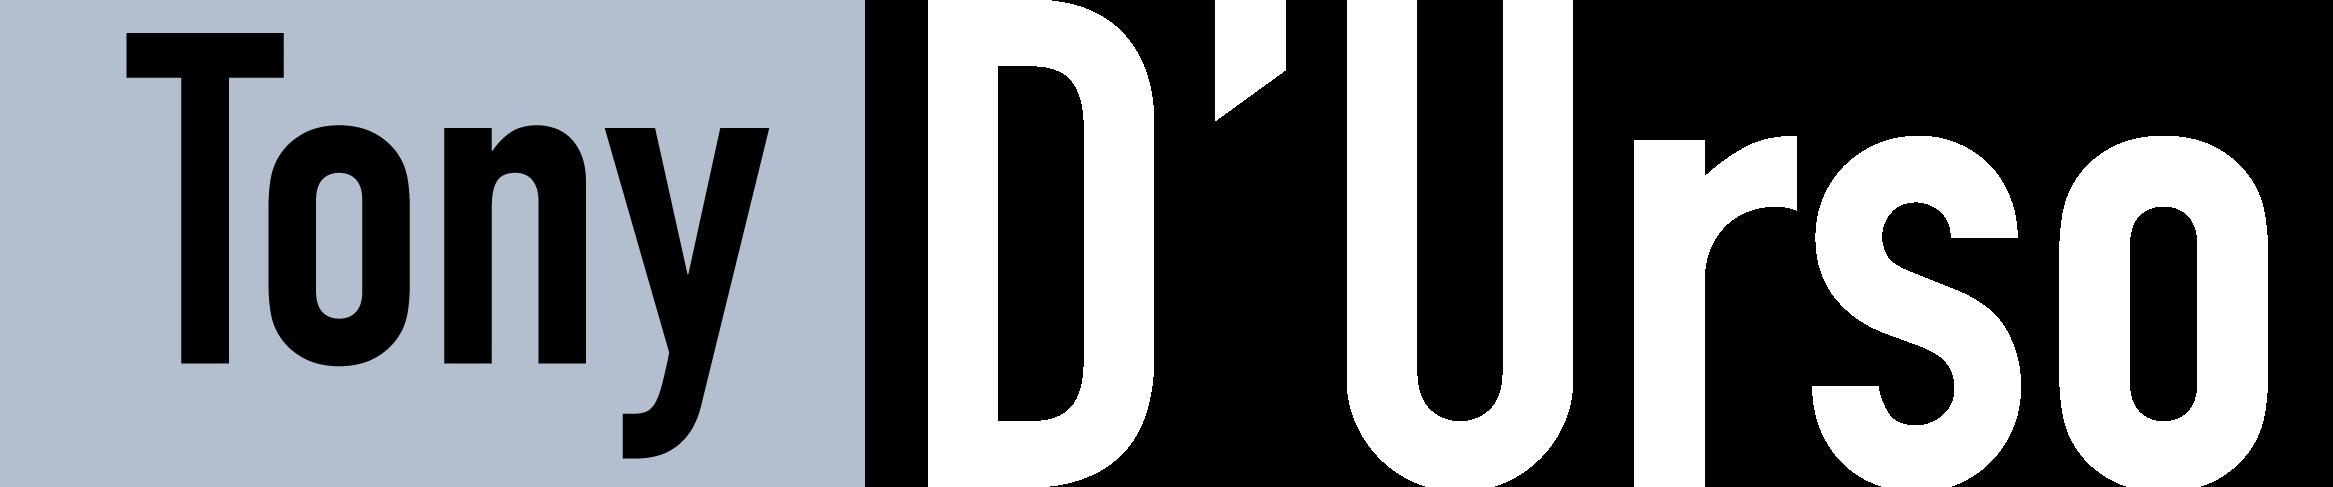 Tony D'urso Logo